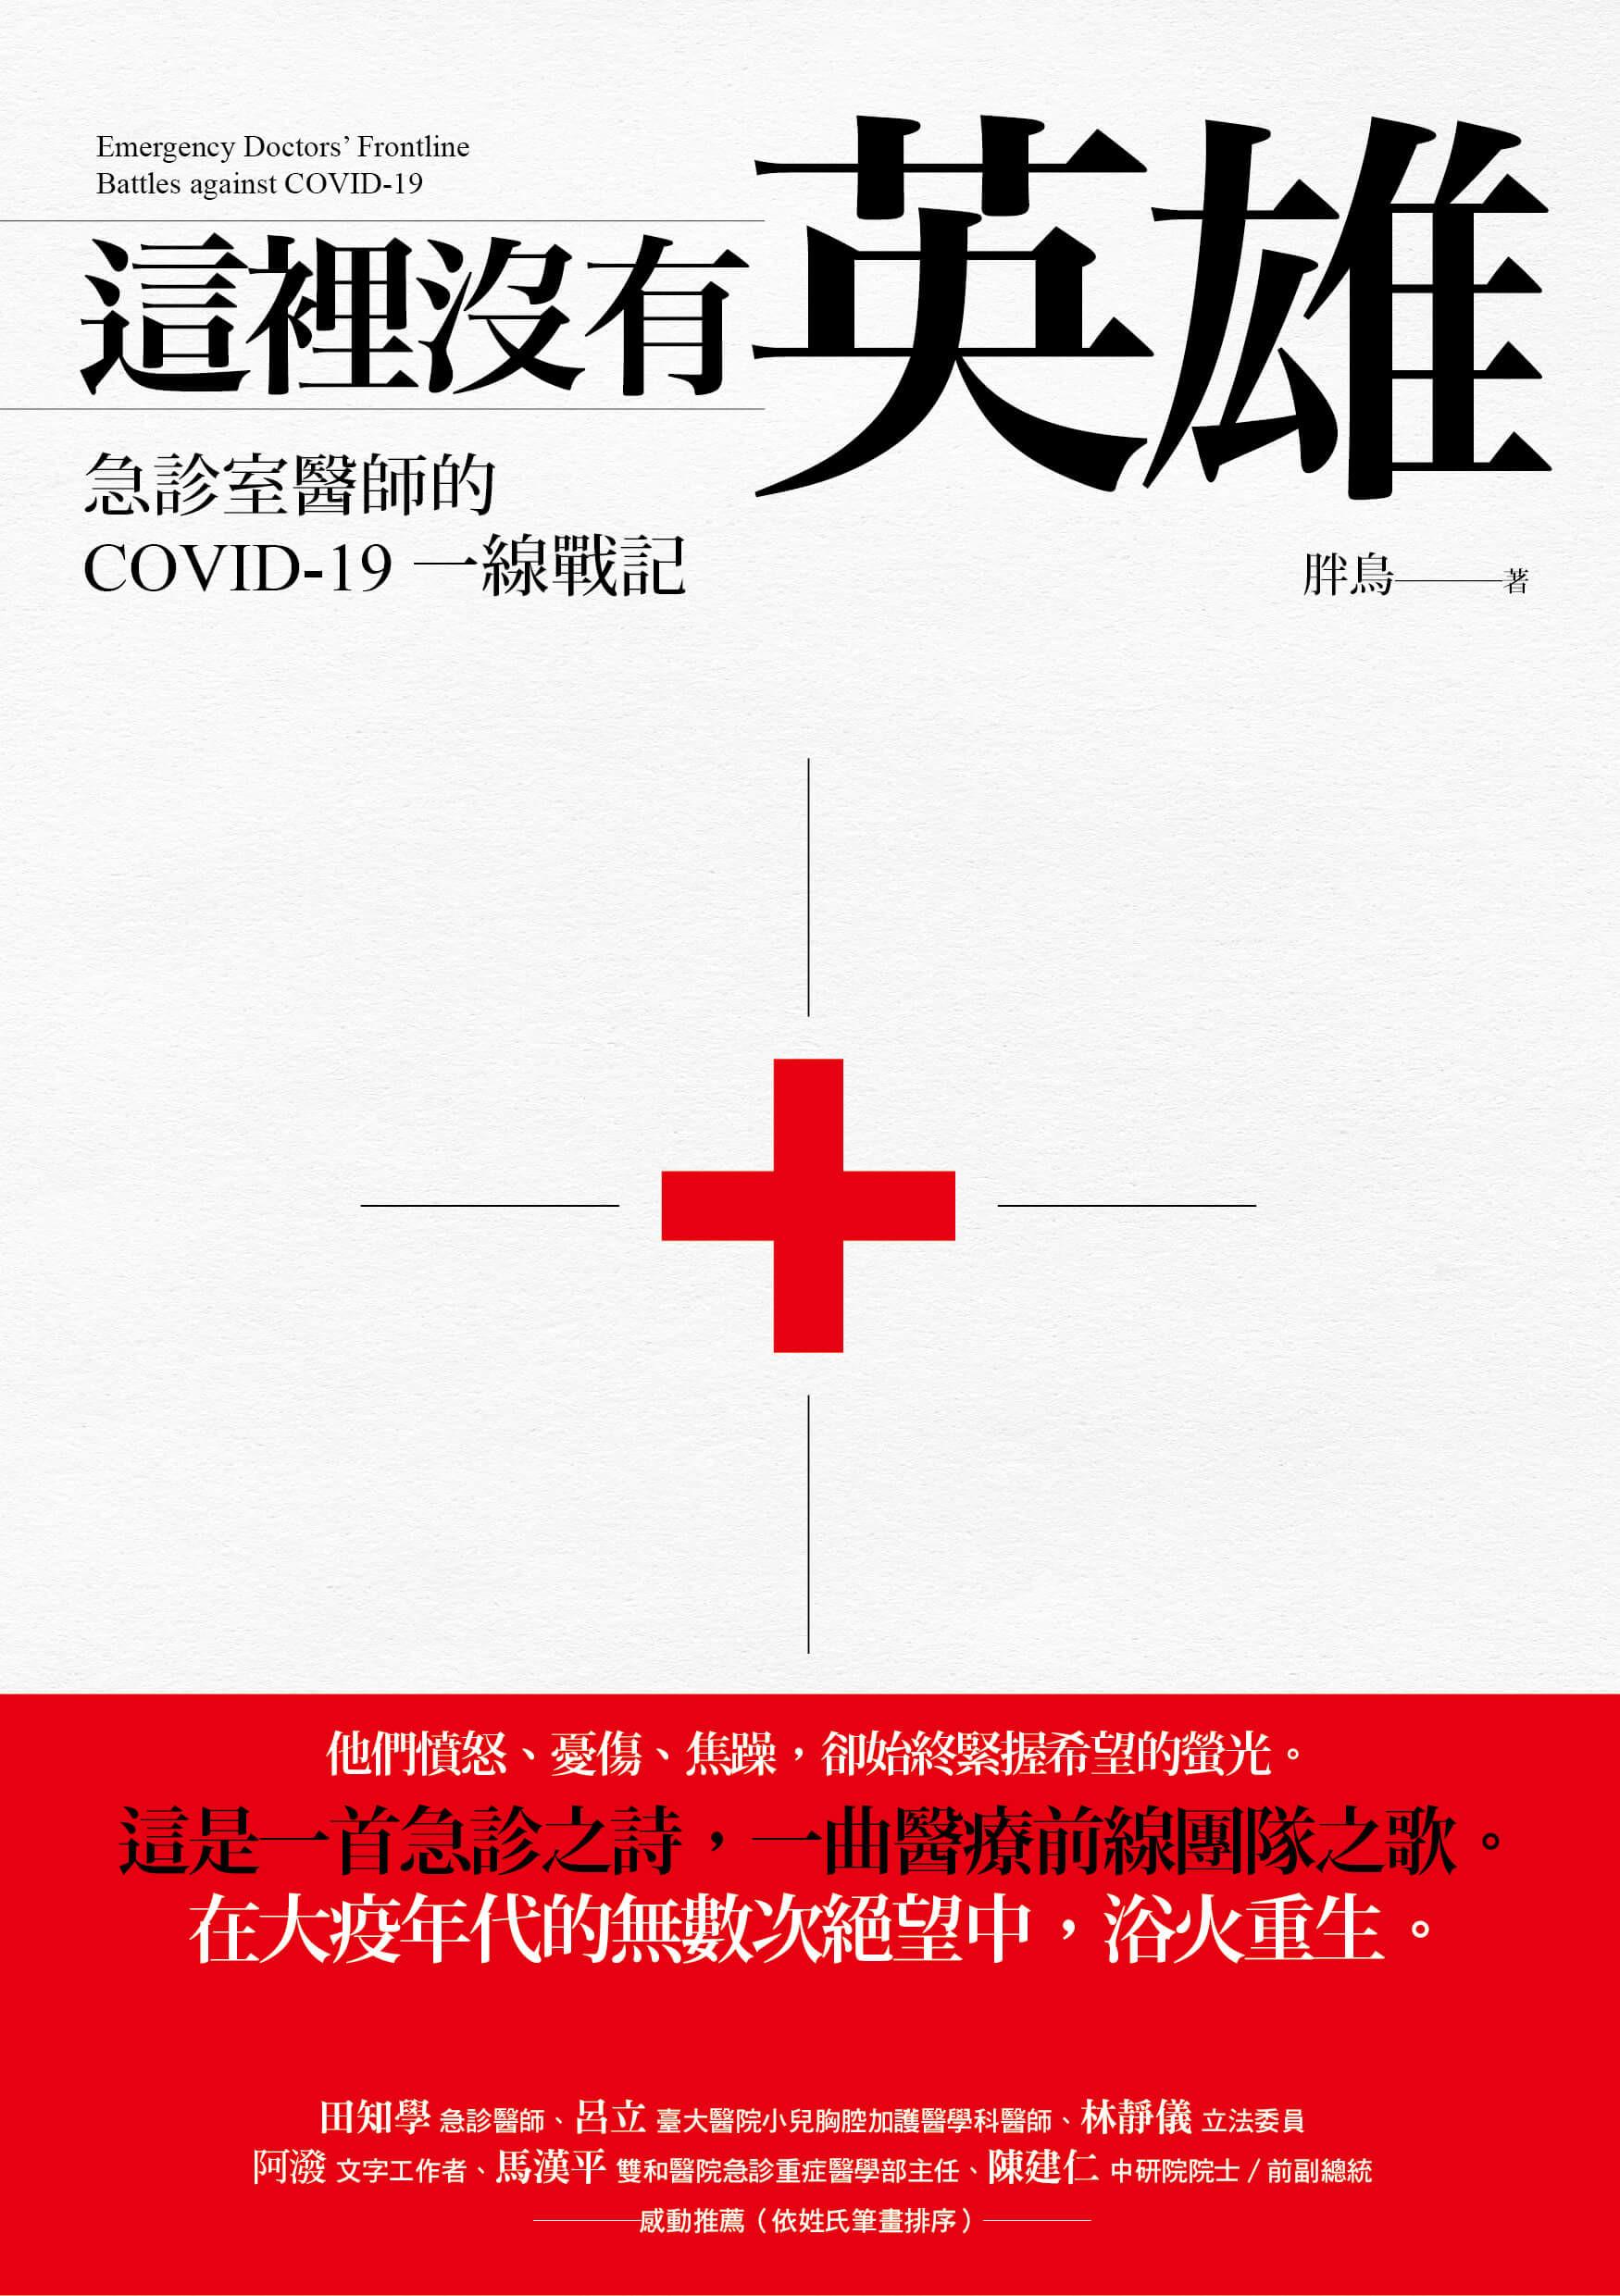 COVID-19,疫情,急診,醫院,書摘,新冠肺炎,醫護